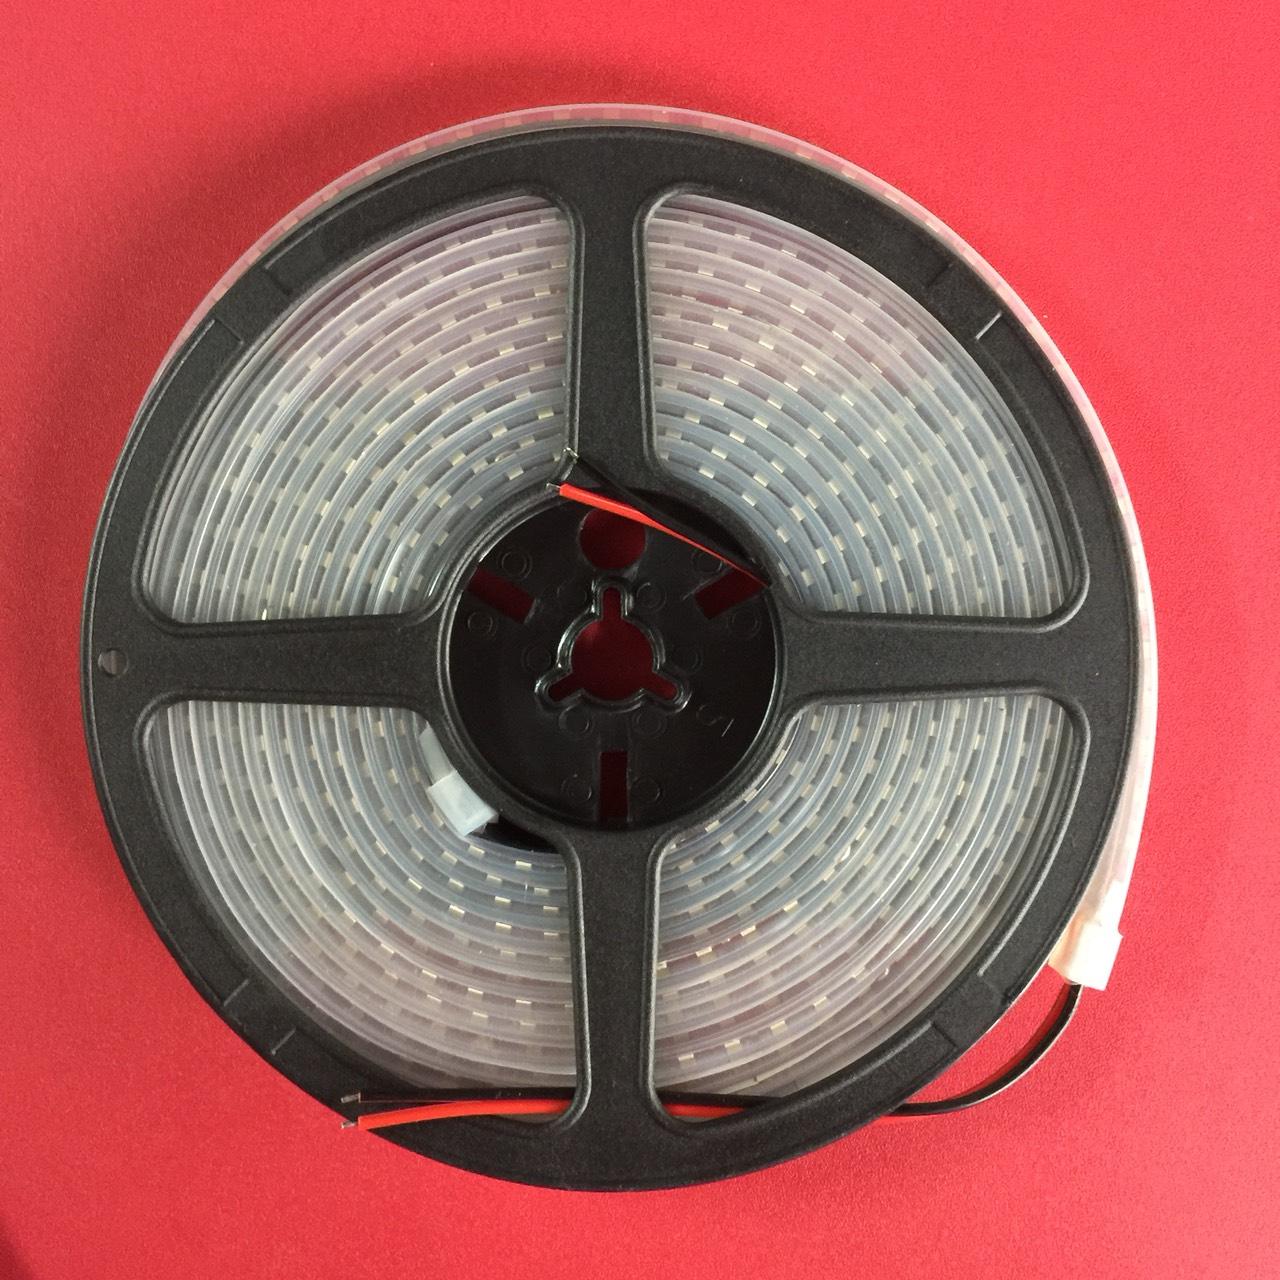 Led dây smd2835, điện thế dc12v, công suất 9.6w, nhiệt độ màu 3000k ( ánh sáng vàng ) , chip led 120led/m, cấp bảo vệ ip20, bản rộng 8mm  TGCN-49507 JCVTECH